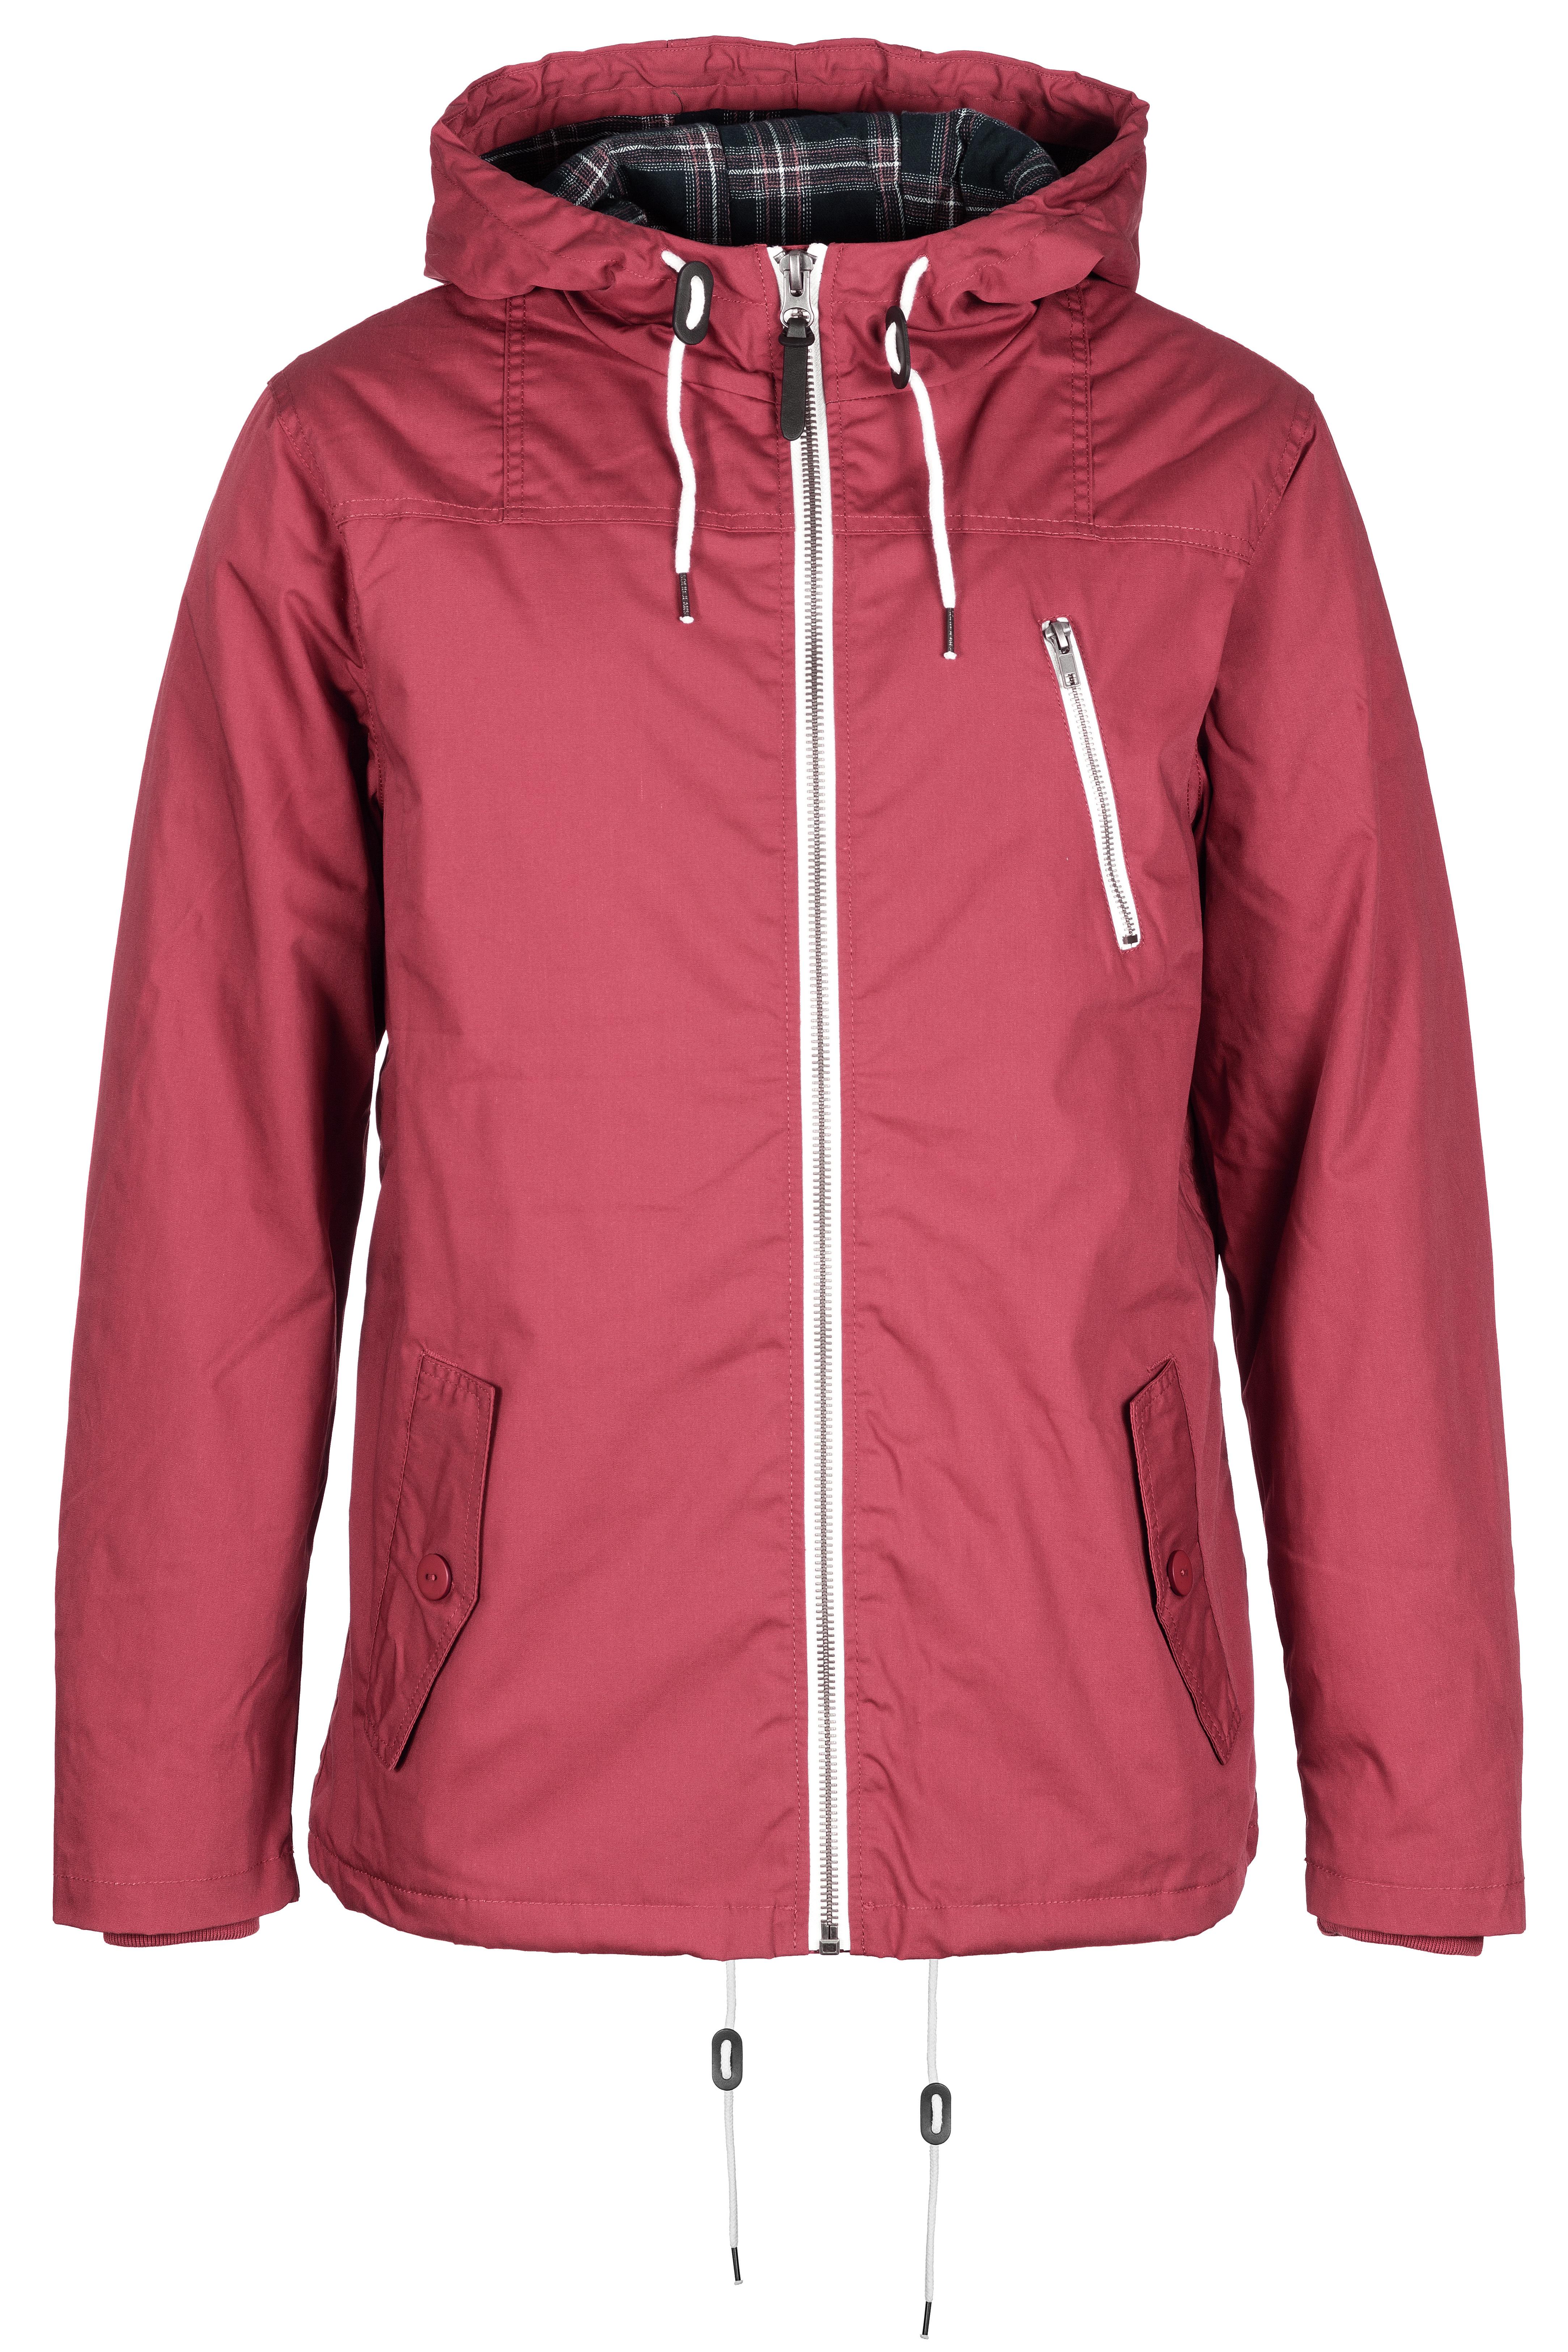 Custom made jackets (17)